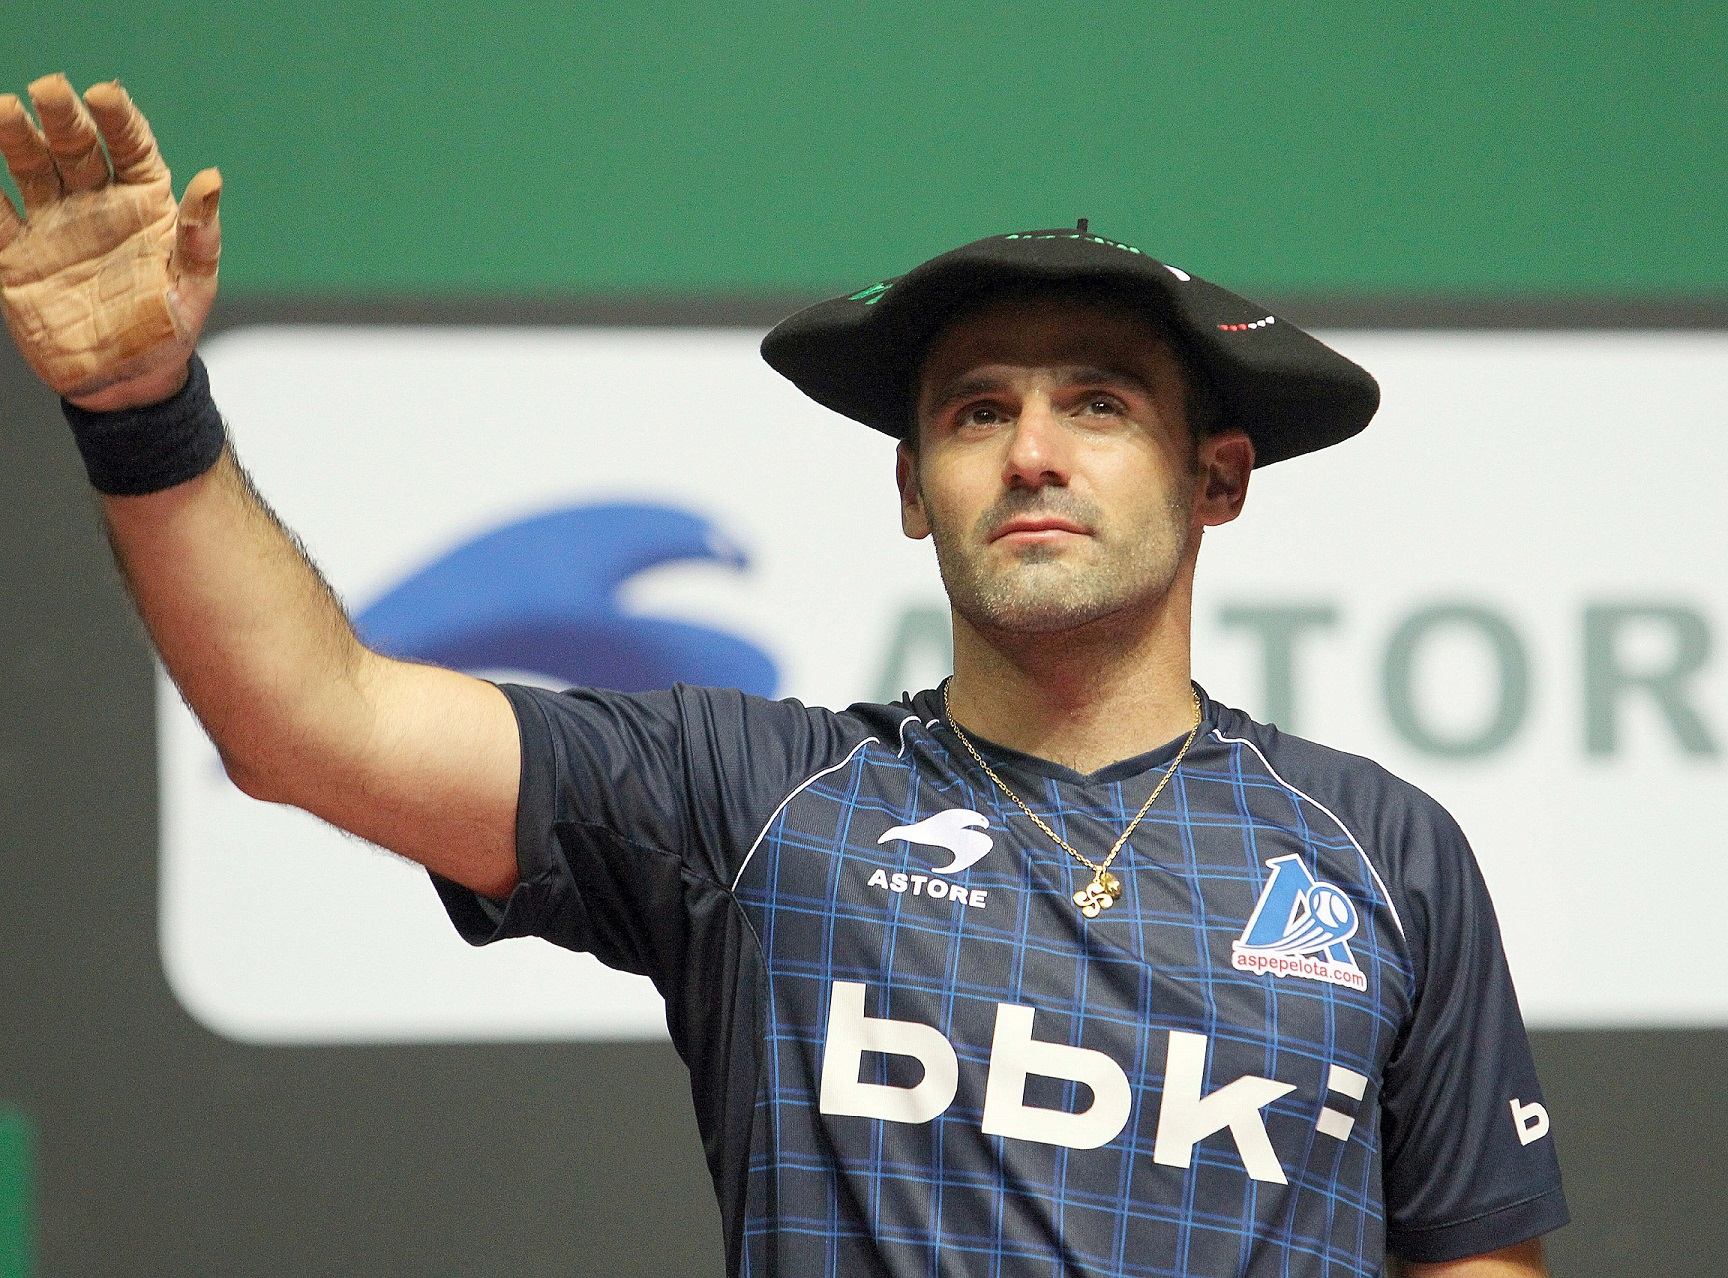 El pelotari vascofrancés Xala, tras ganar el Manomanista en 2011 en Bilbao (Archivo 20minutos).